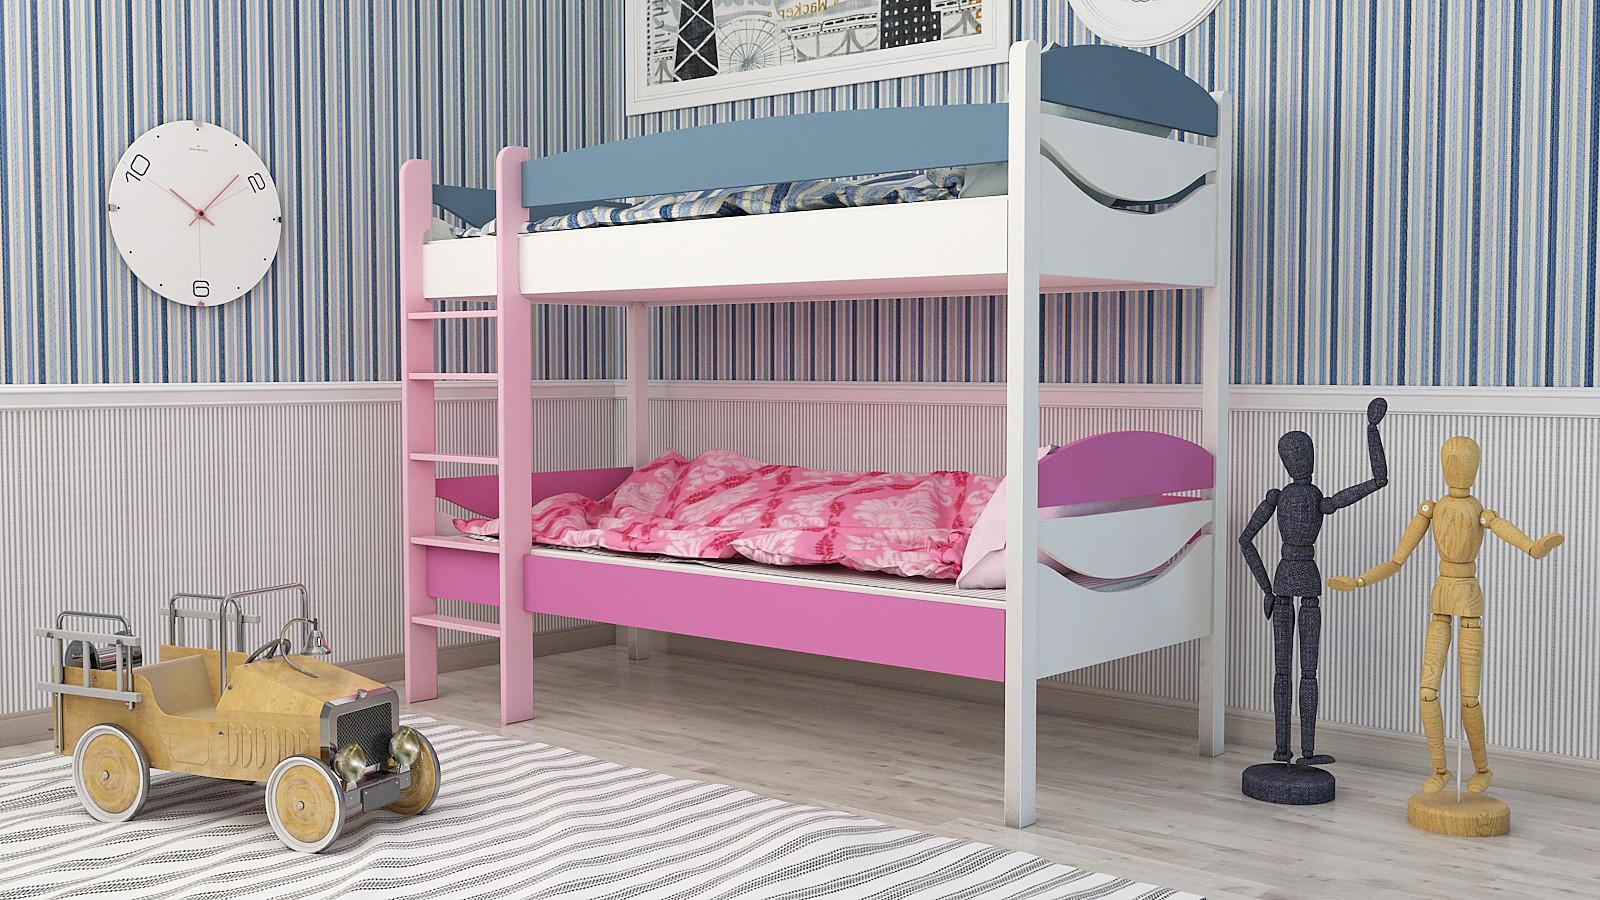 """Двухъярусная кровать """"Двойняшка"""" KDBUK детская для мальчиков и девочек детей от 2-3 лет"""